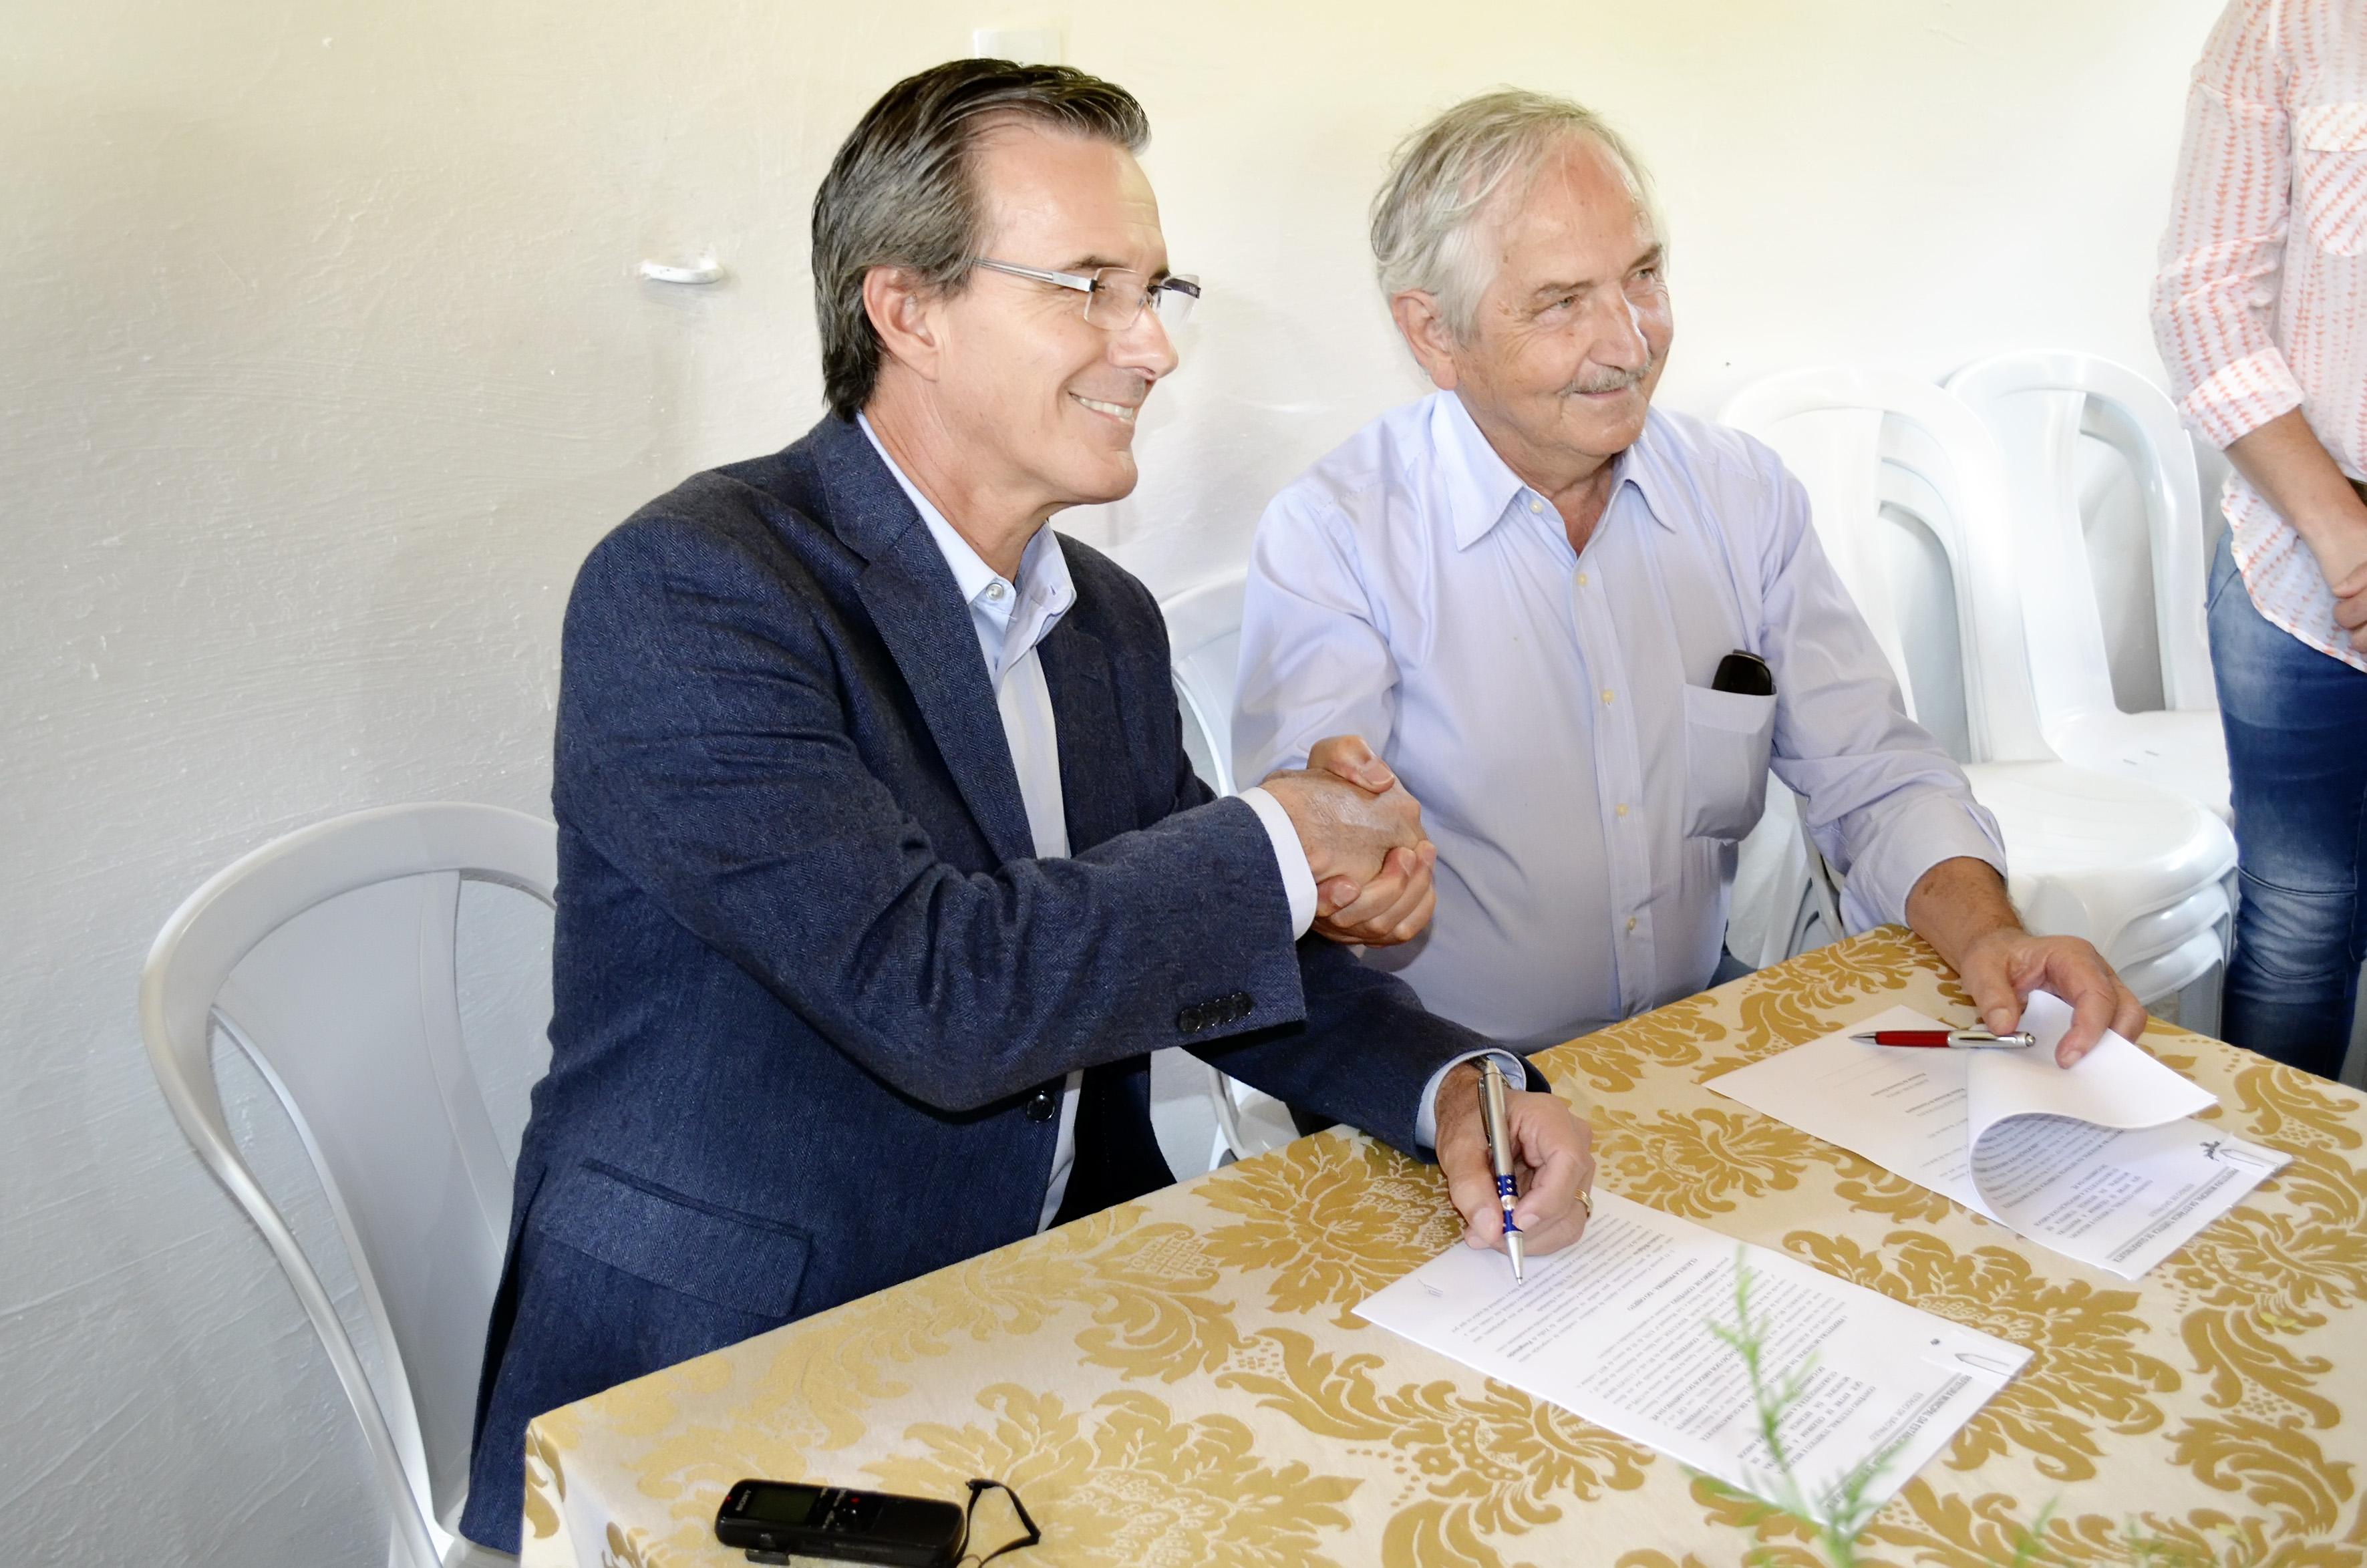 Marcus Soliva, o presidente da Associação dos Amigos do Caminho da Fé, Almiro Grings assinam convênio  (Foto: Estéfani Braz)